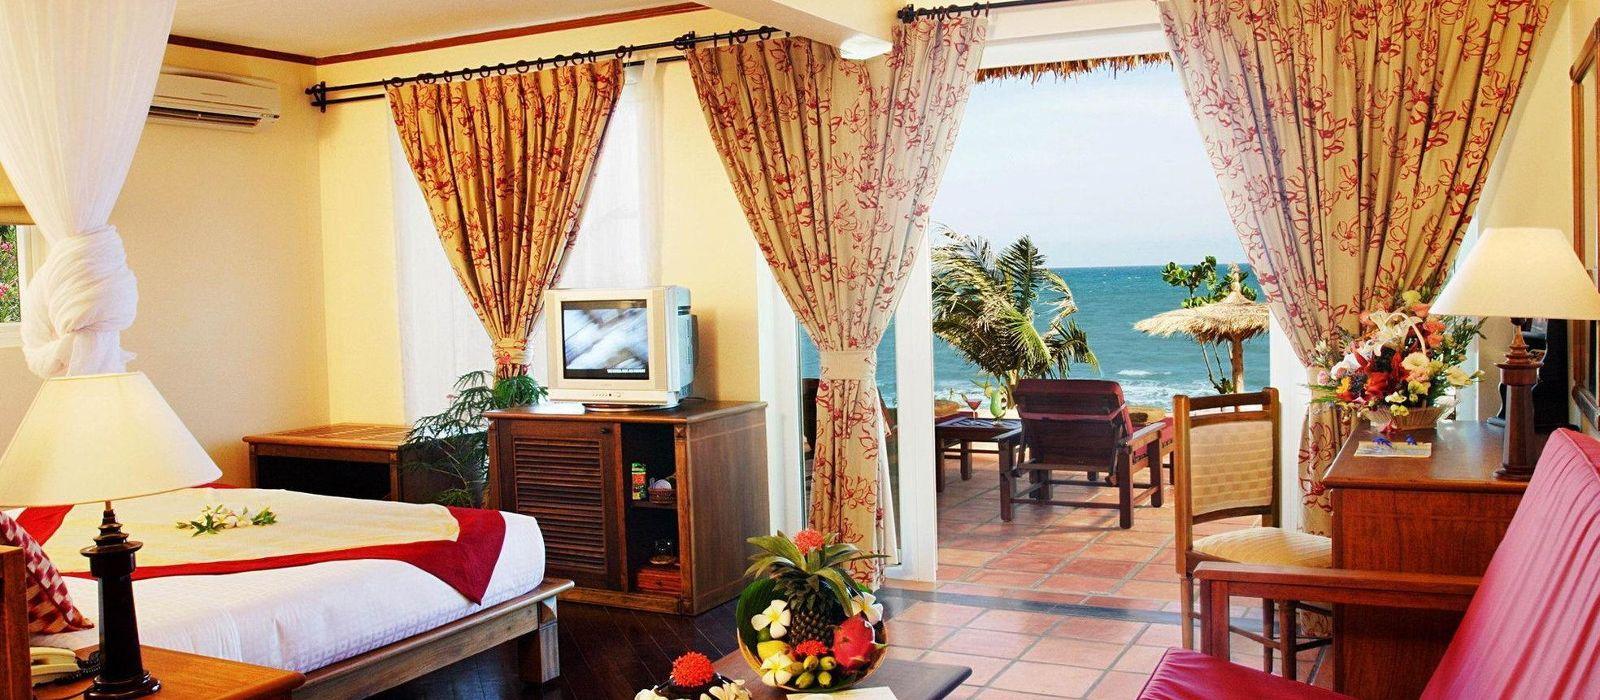 Hotel Das Victoria Phan Thiet Beach Resort & Spa Vietnam